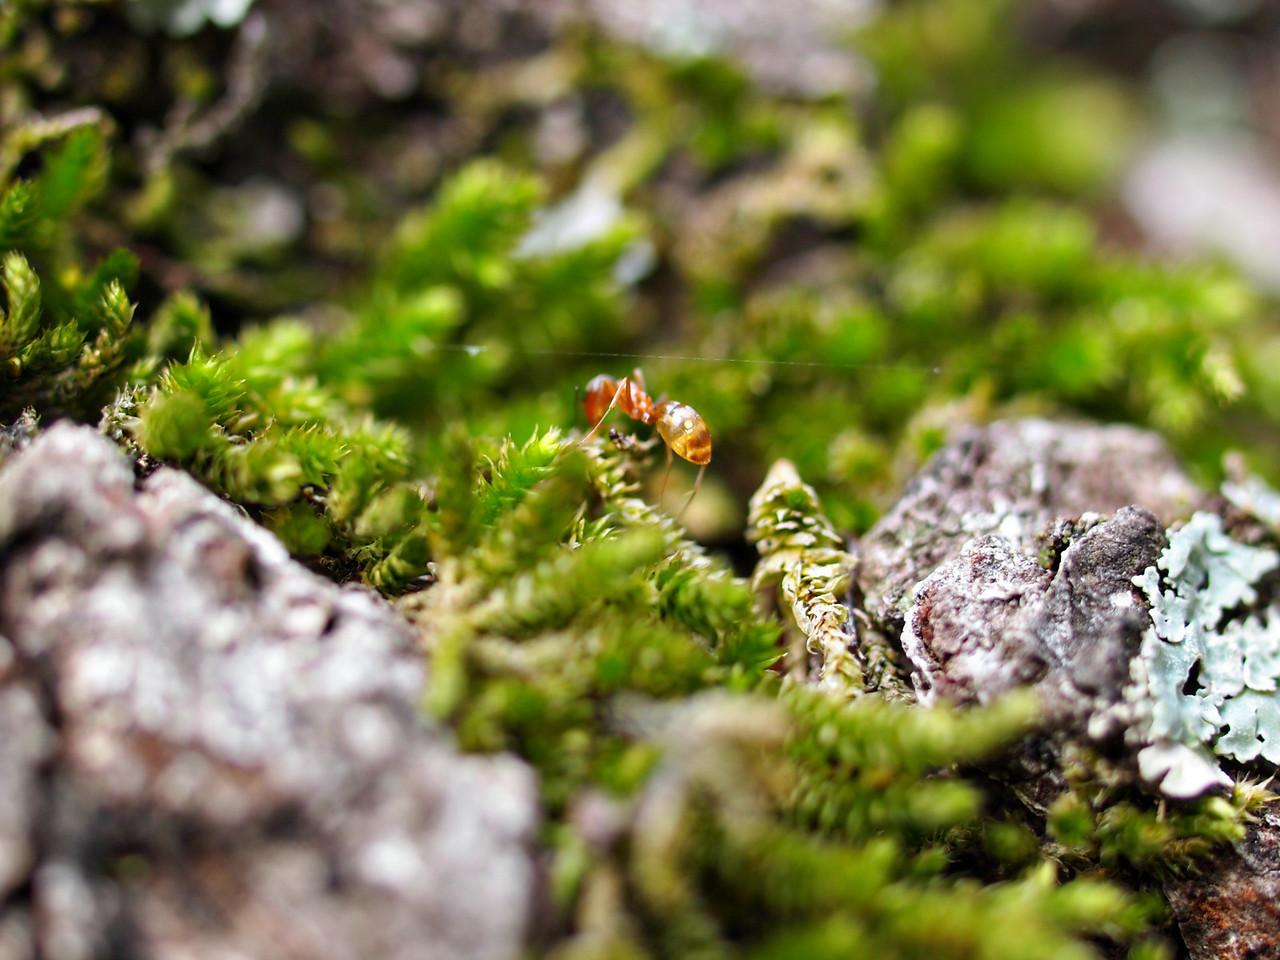 Macro Ant on an Oak Tree